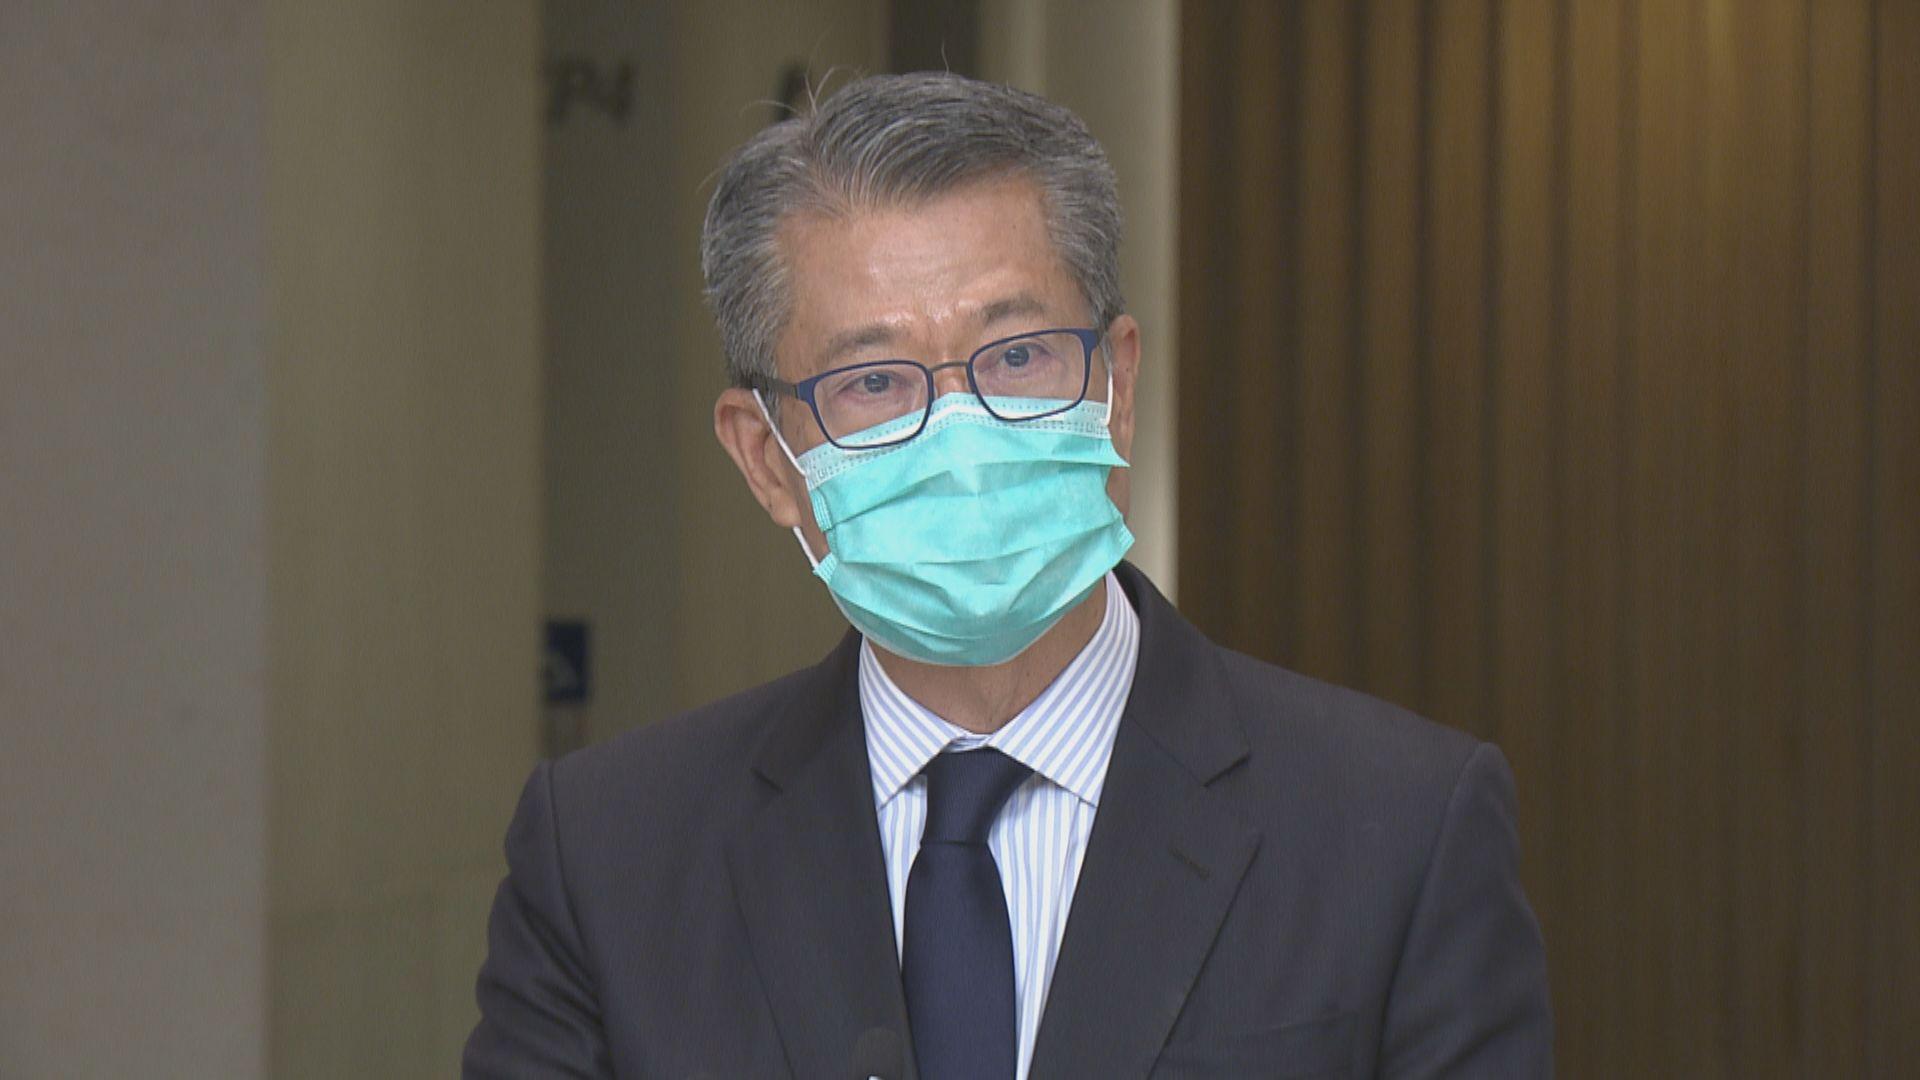 【大上大落】陳茂波籲加倍管理風險